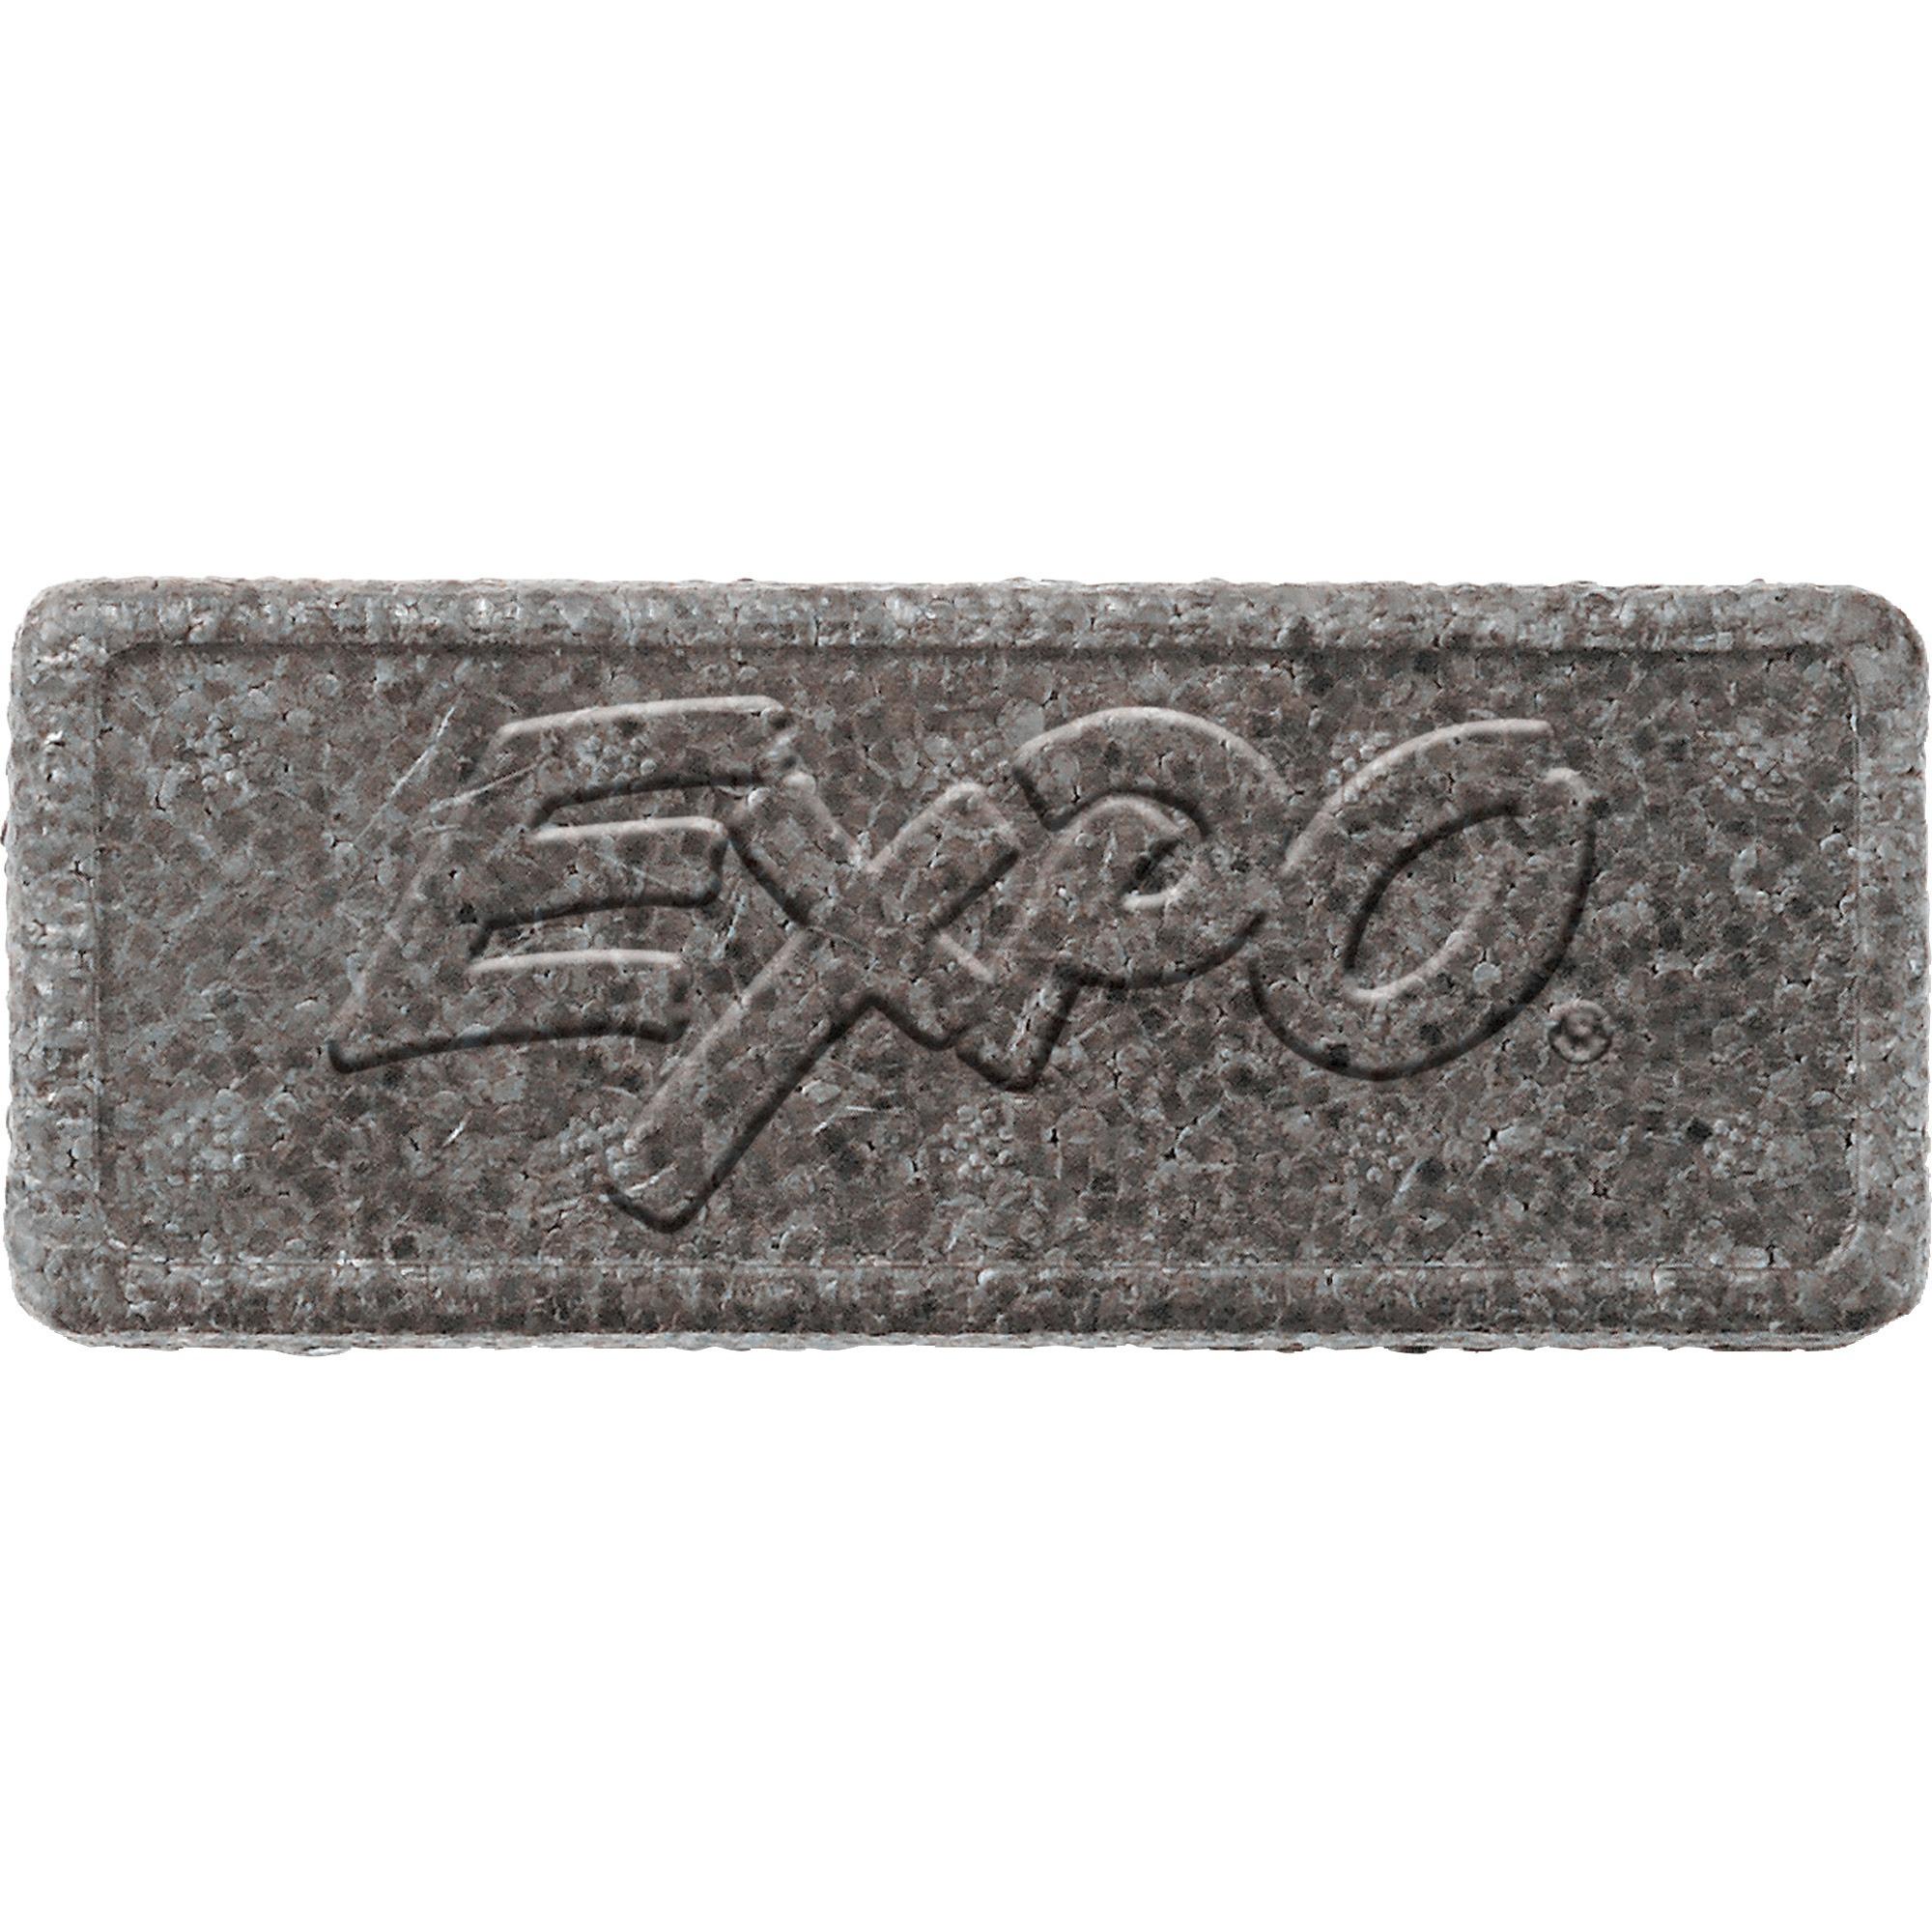 Dry Erase Marker Board Eraser